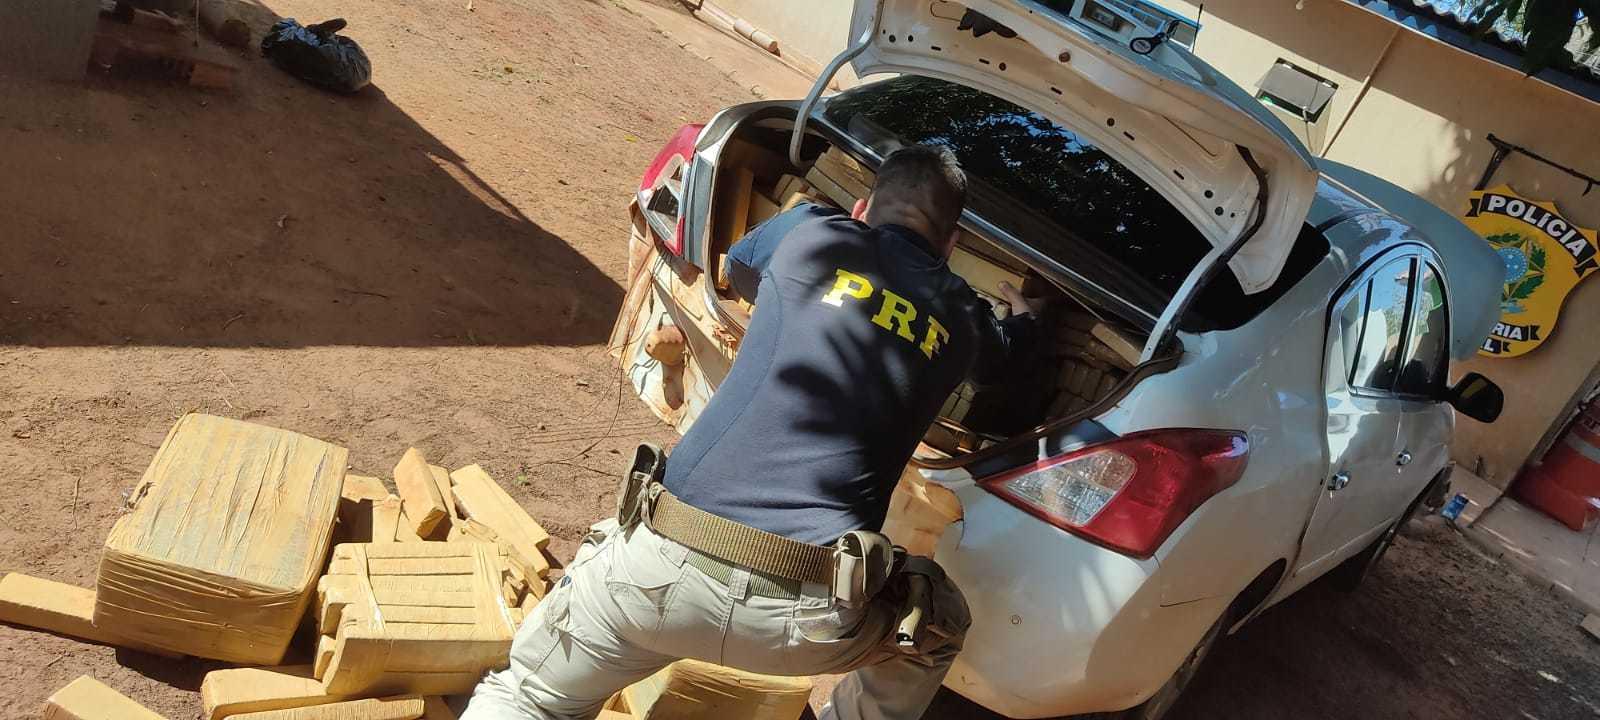 Mais de 700 quilos de maconha foram retirados de veículo Nissan (Foto: Divulgação/PRF)